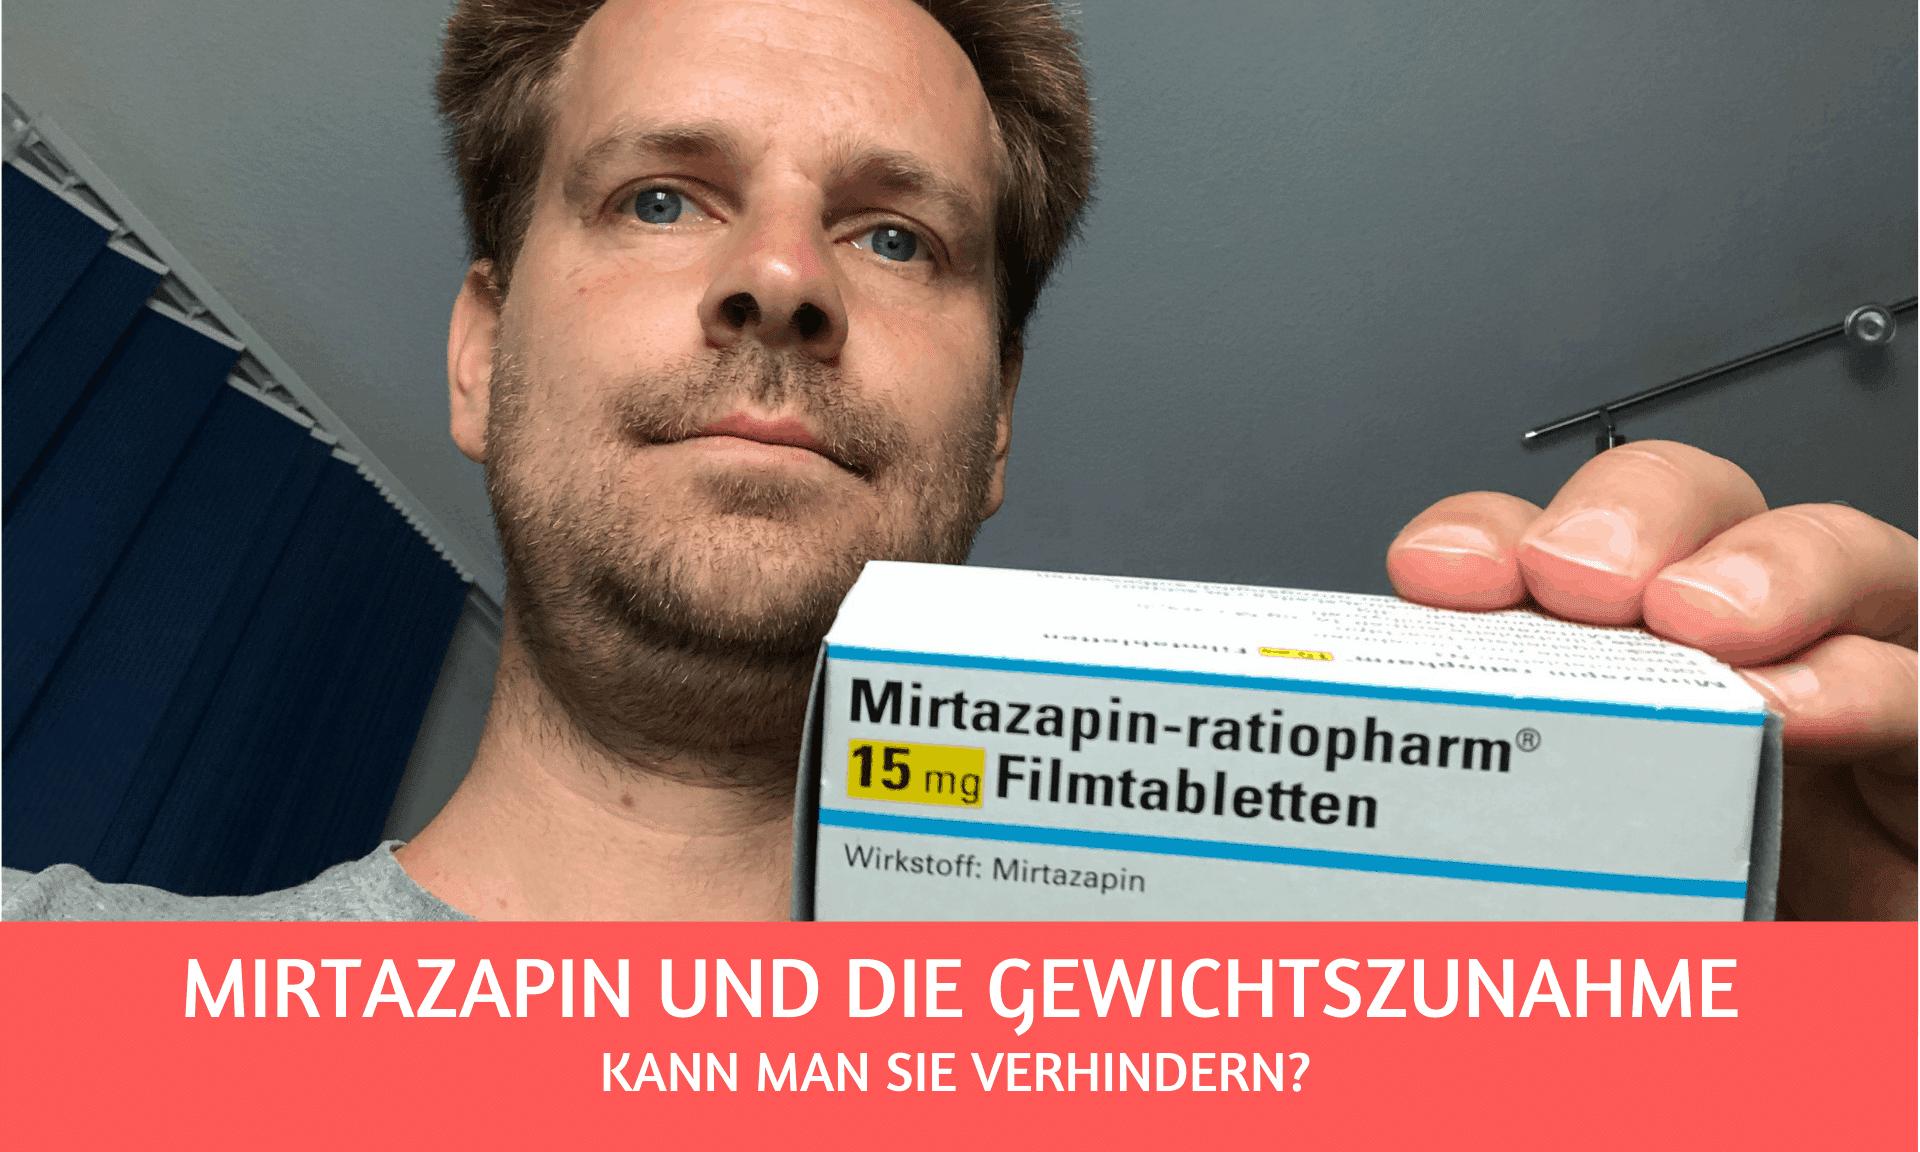 Gewichtszunahme bei Mirtazapin: kann man das verhindern?